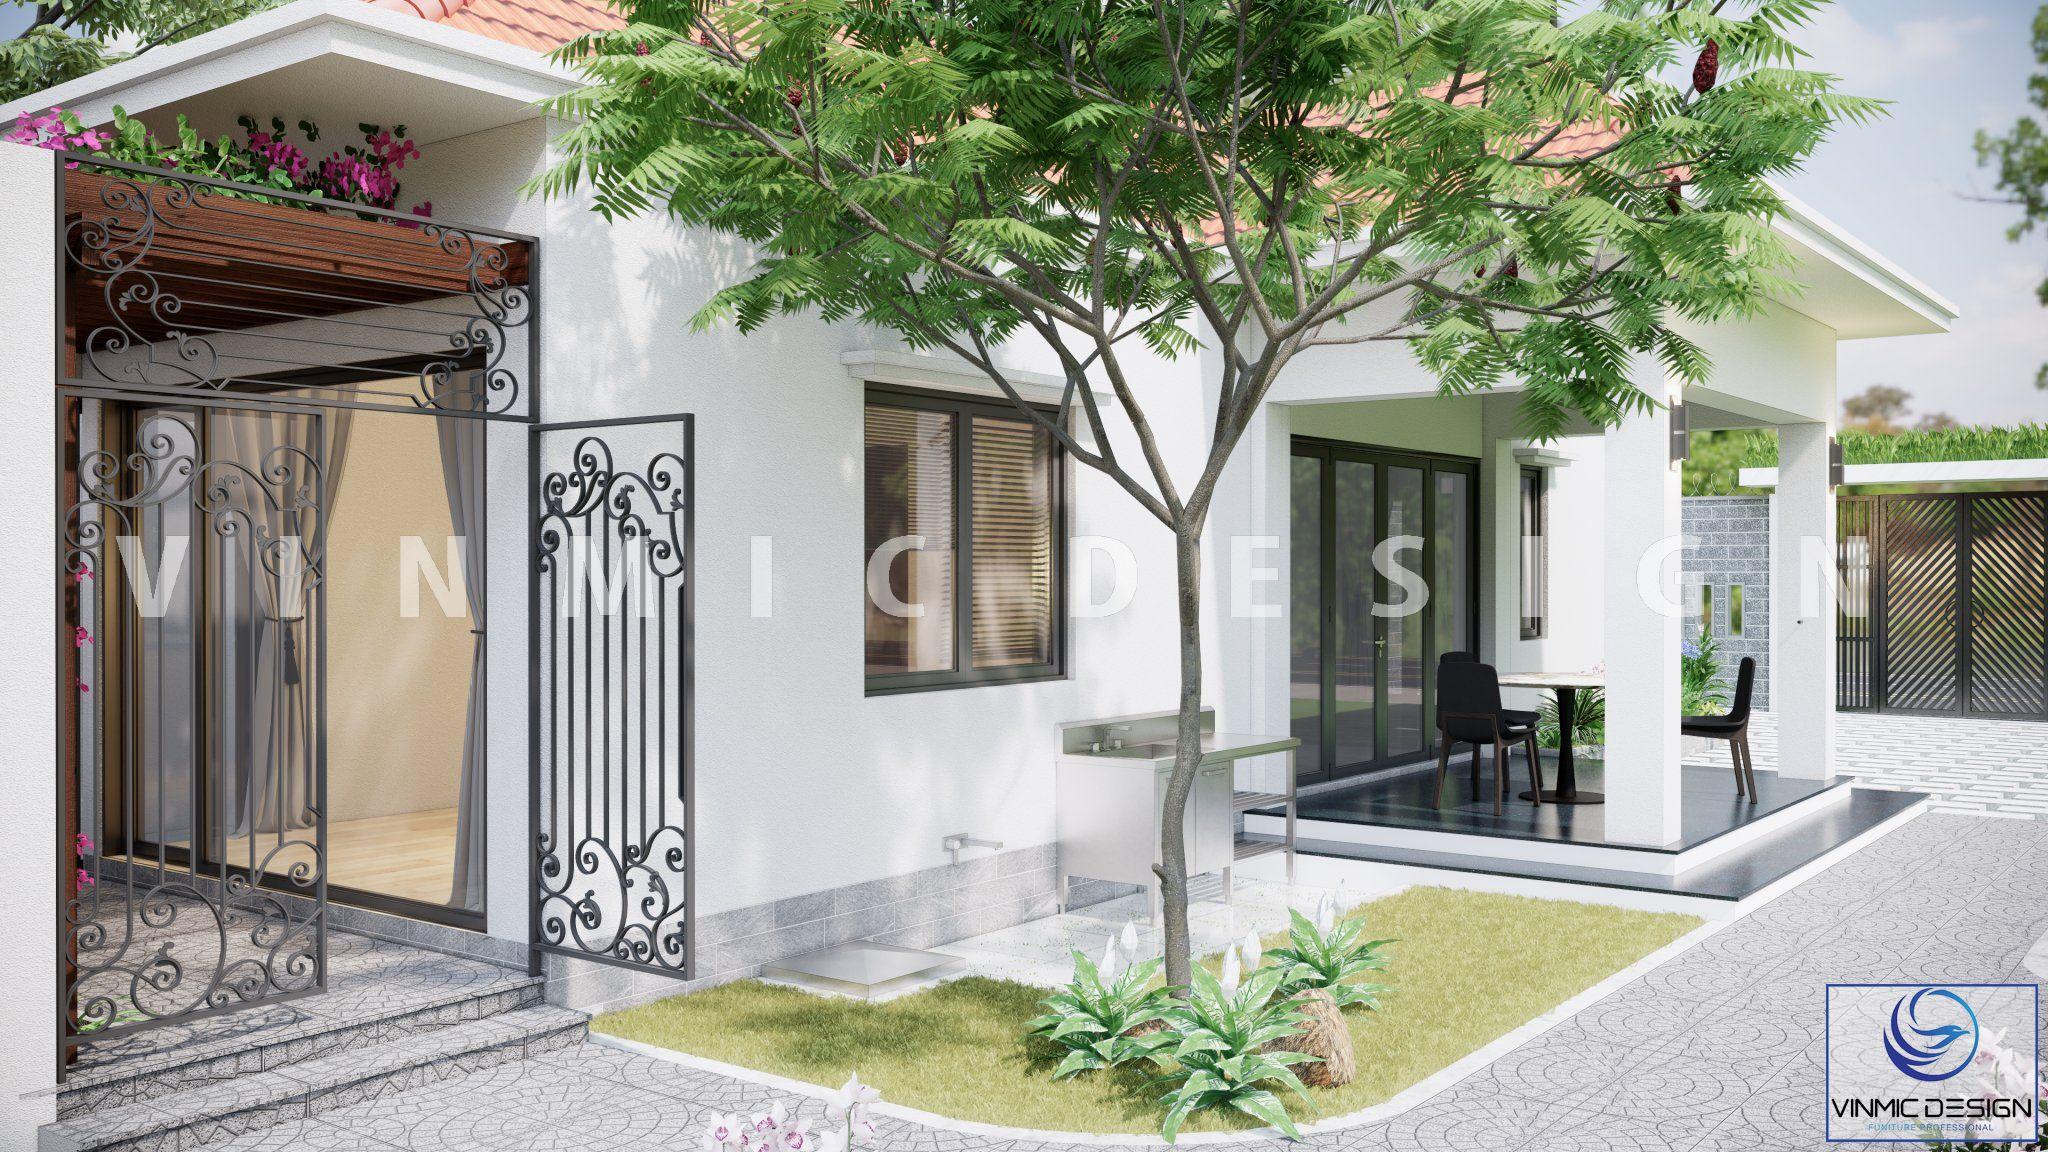 Thiết kế ngoại cảnh căn nhà vườn với cây cối mát mẻ, bình yên tại phố Kim Sơn - Ninh Bình